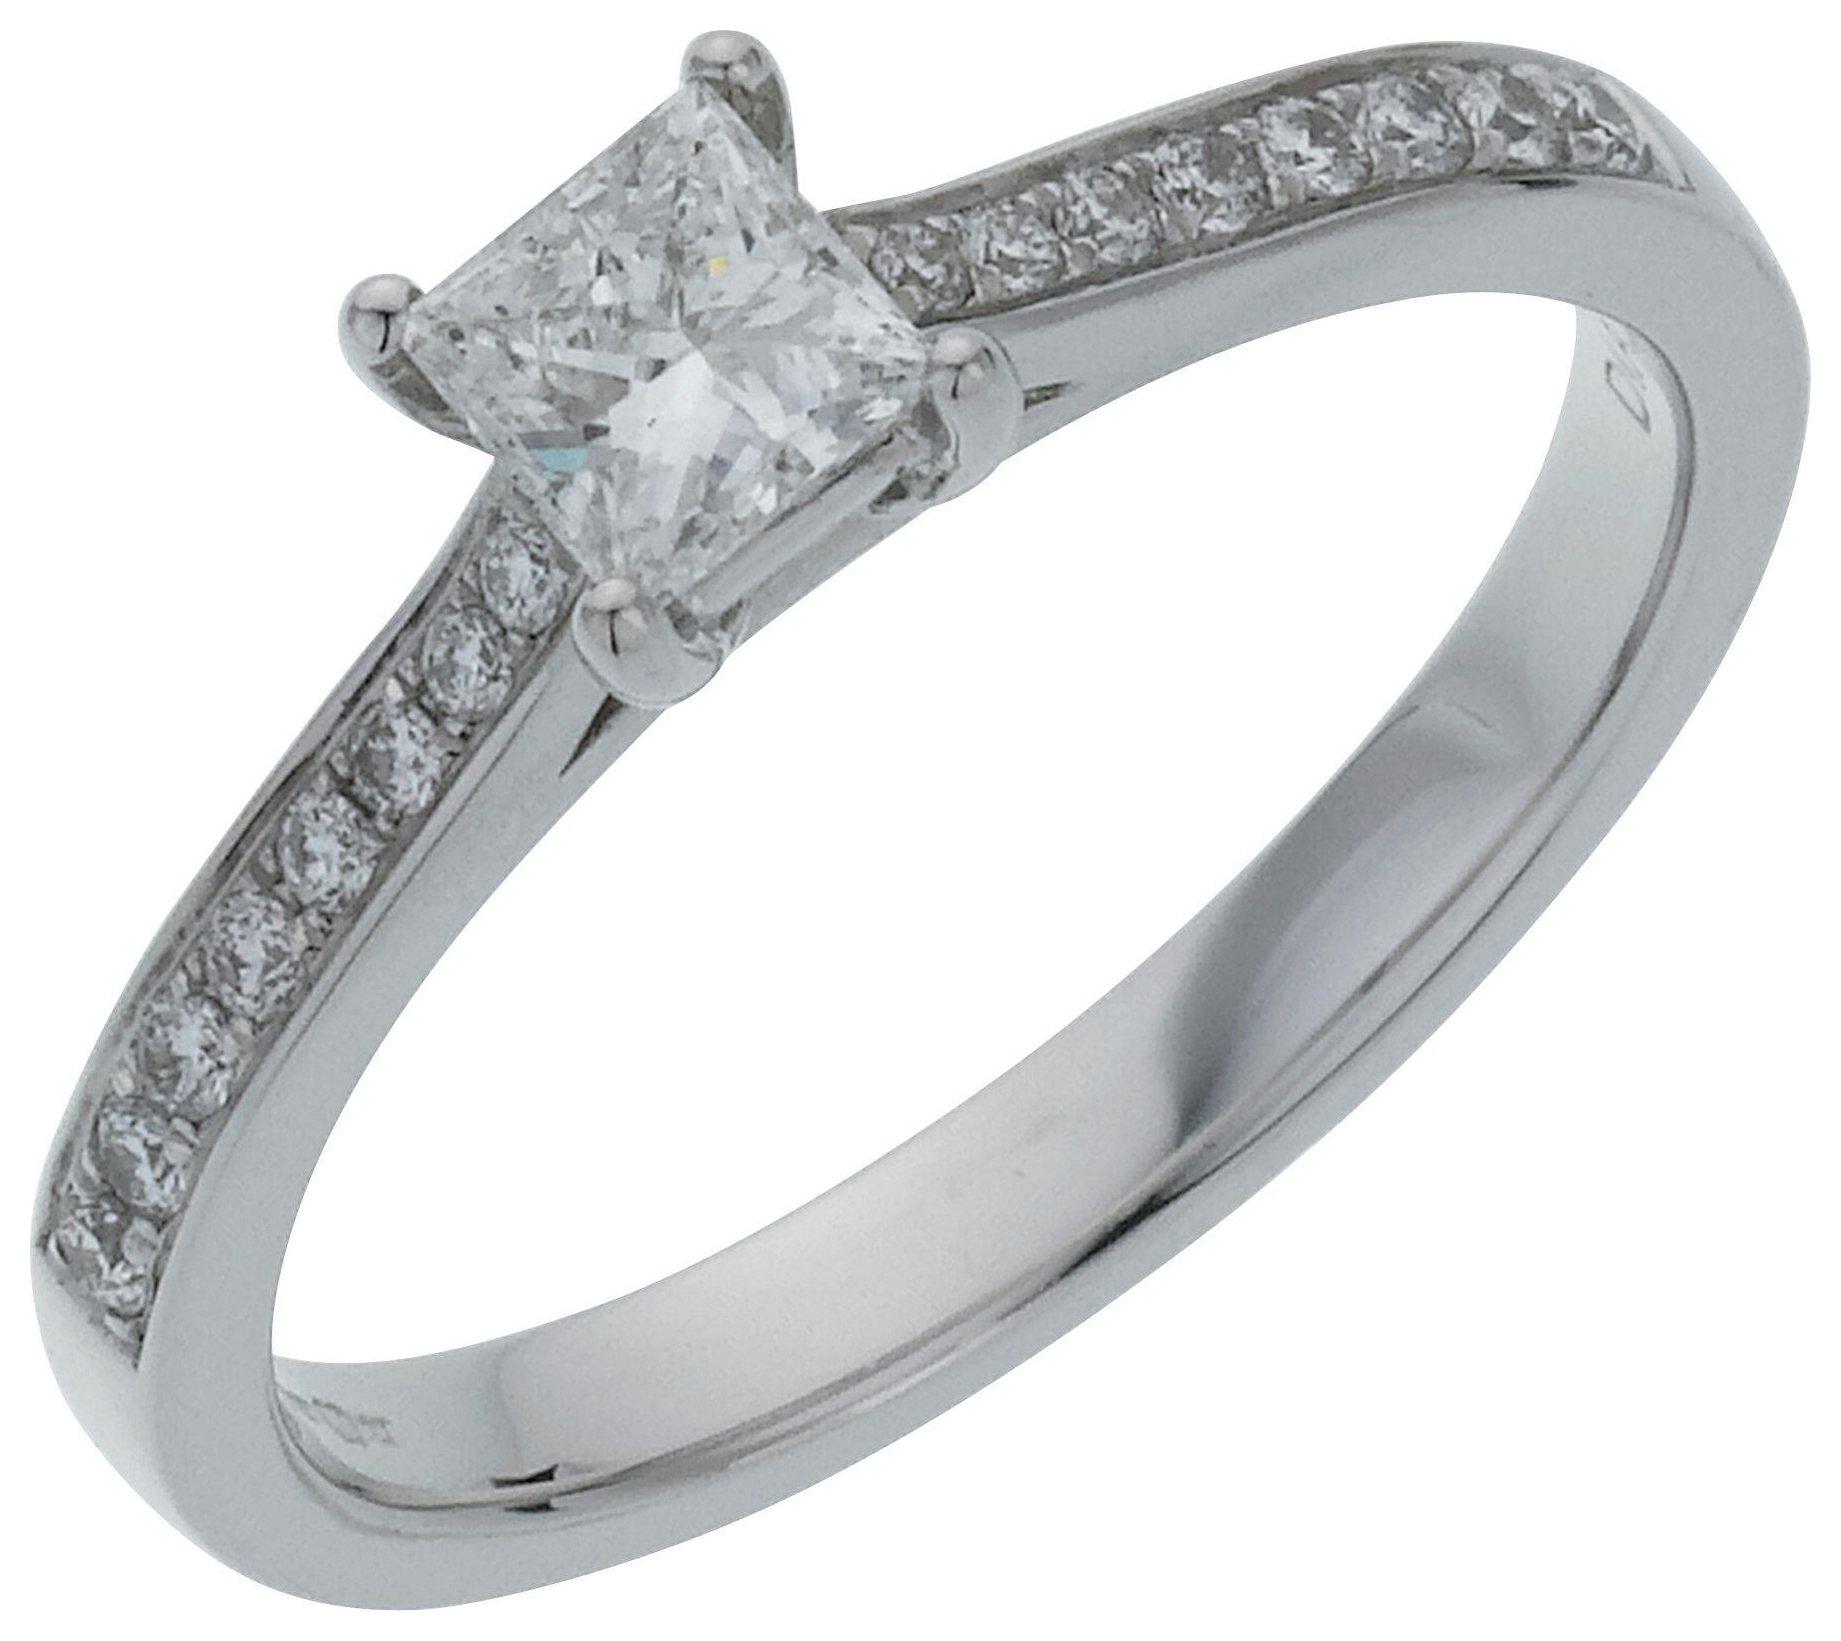 18 Carat White Gold 05 Carat Diamond - Princess Cut Shoulder Ring- U